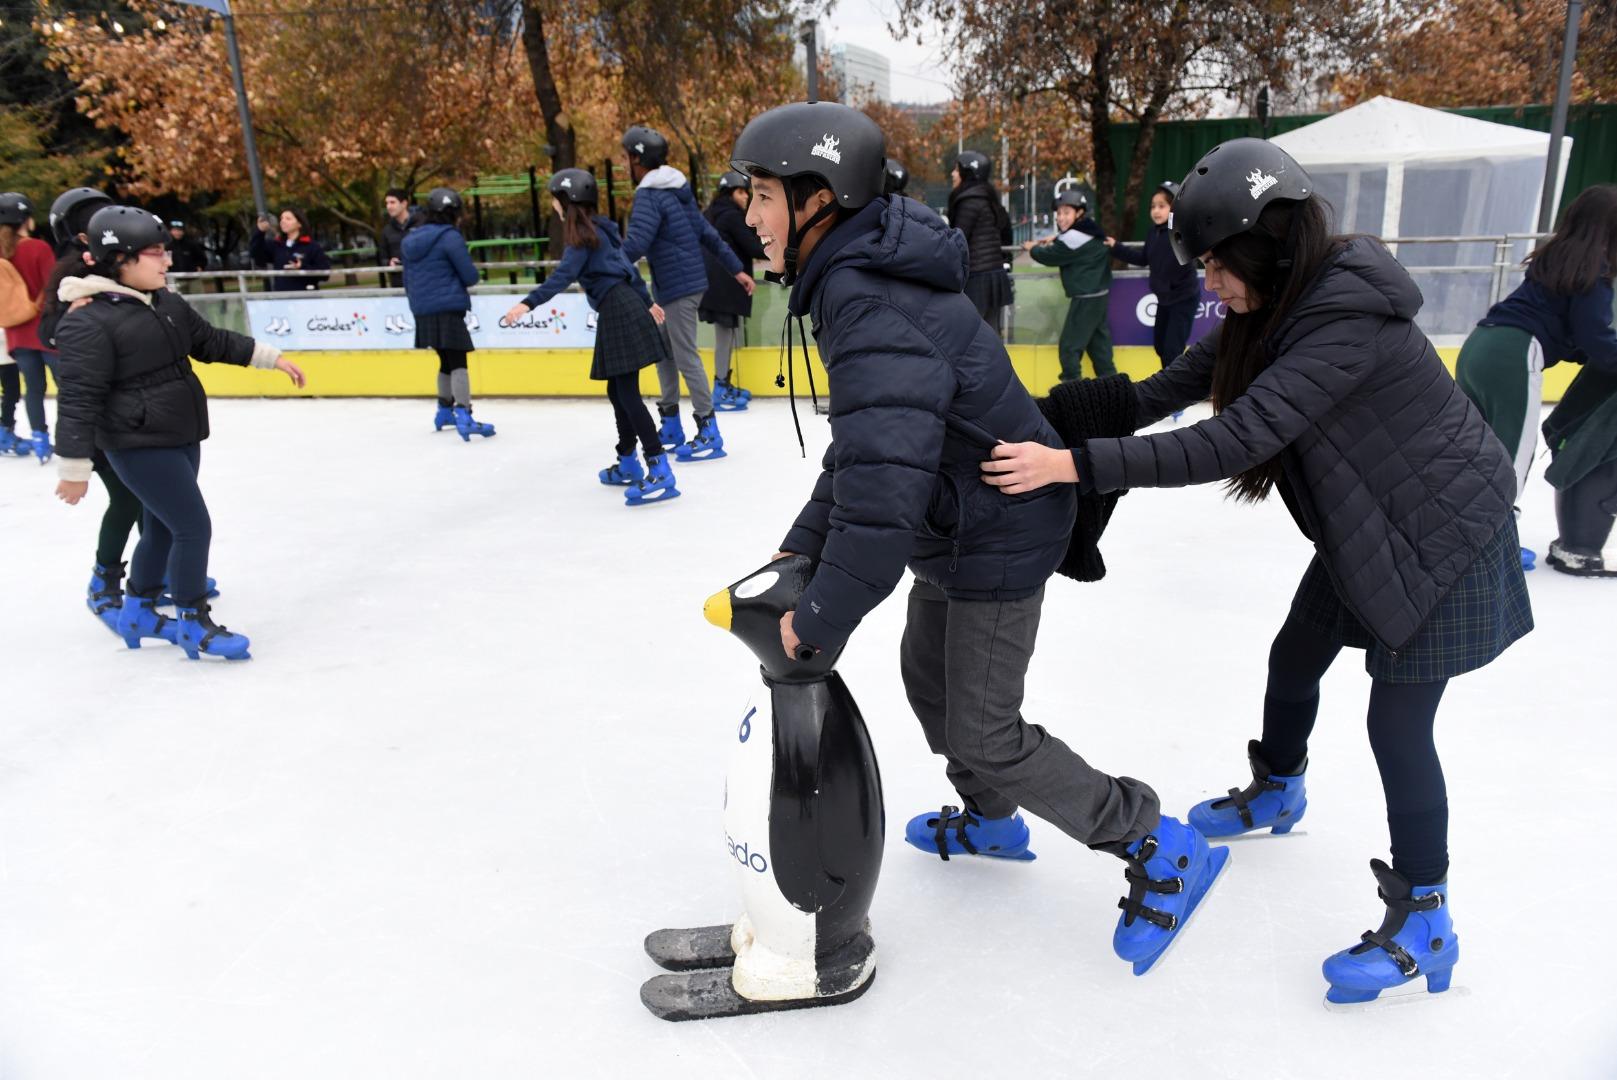 Pista de patinaje en hielo en Parque Araucano